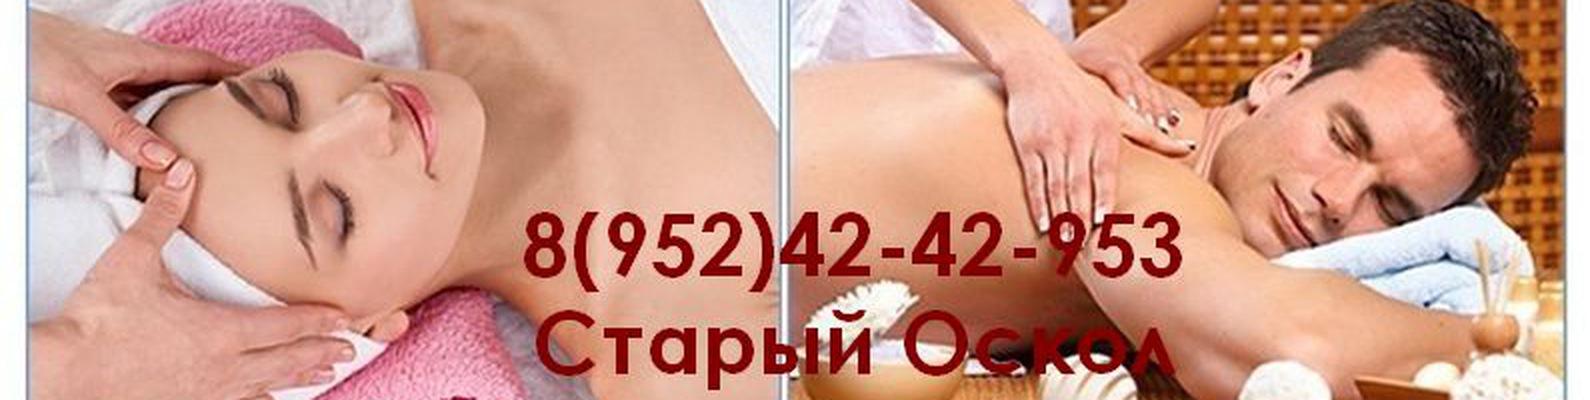 massazh-eroticheskiy-v-starom-oskole